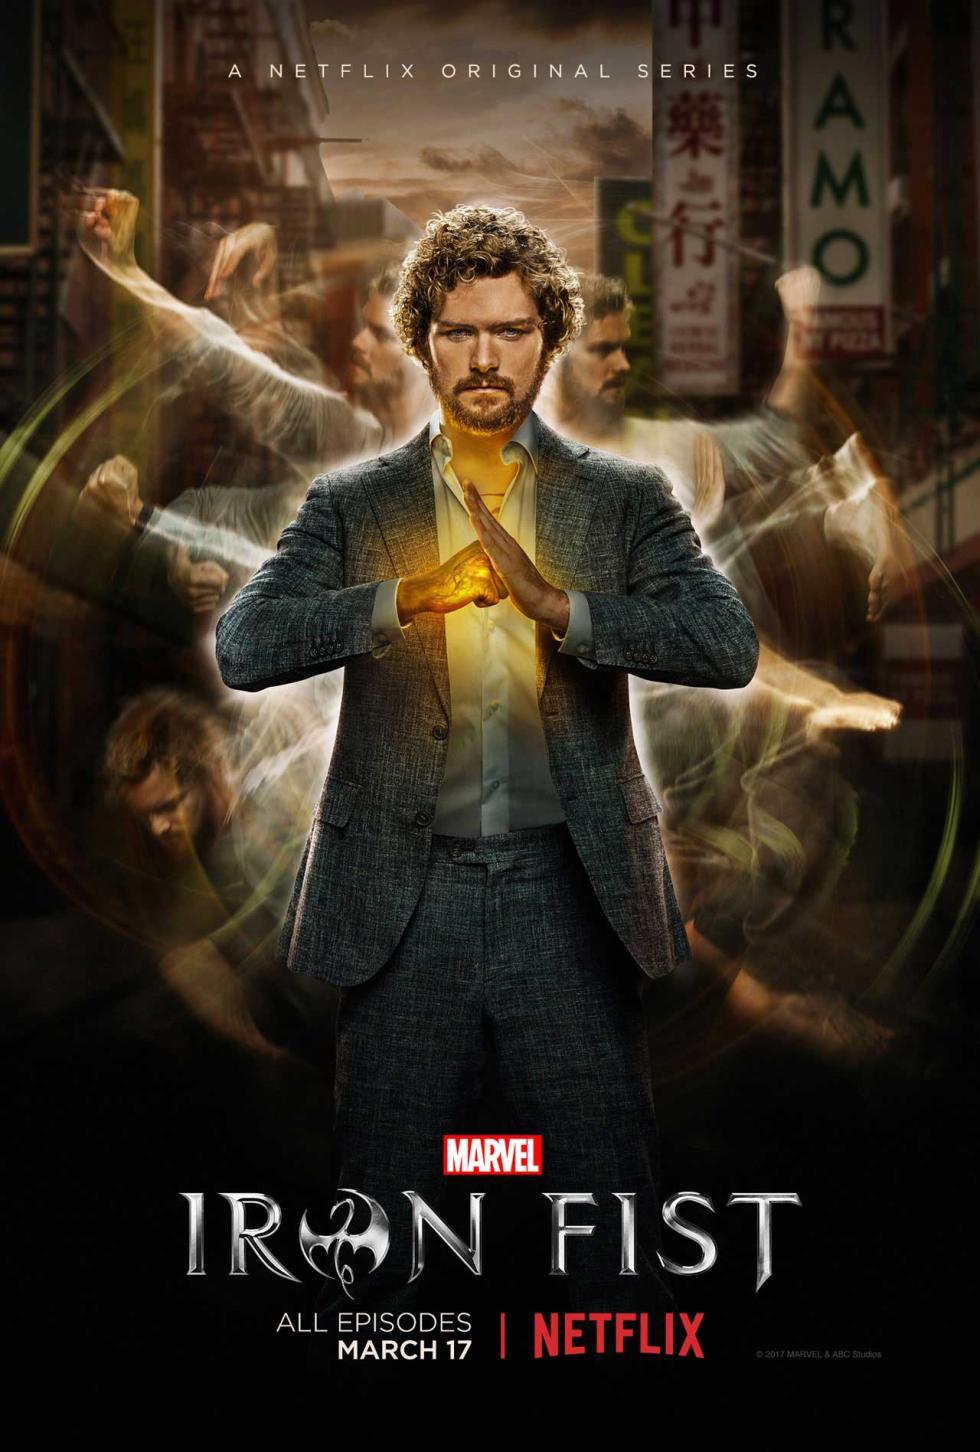 6. Iron Fist (2017)